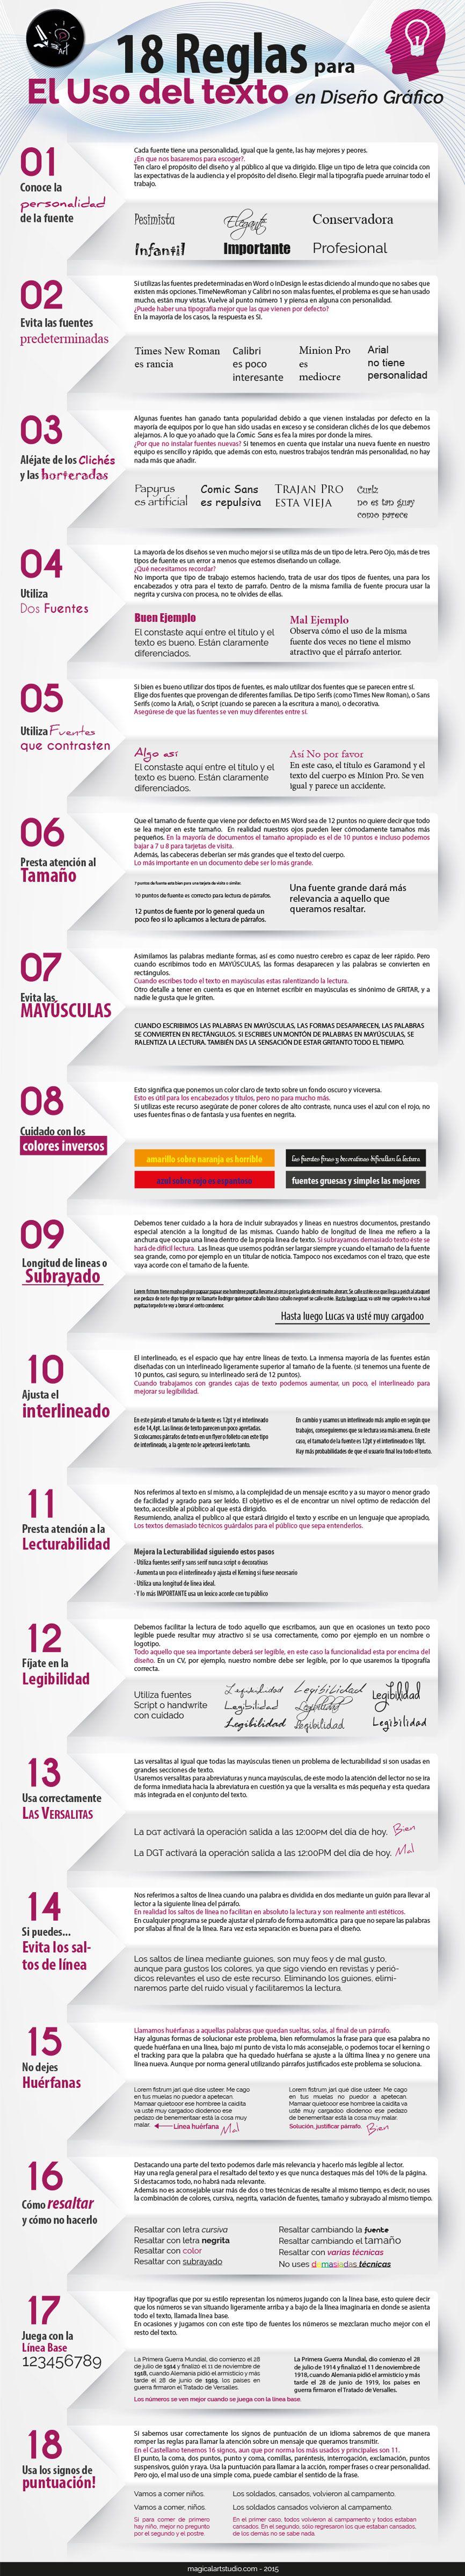 http://magicalartstudio.com/infografia-18-reglas-para-correcto-uso-del-texto-en-diseno/